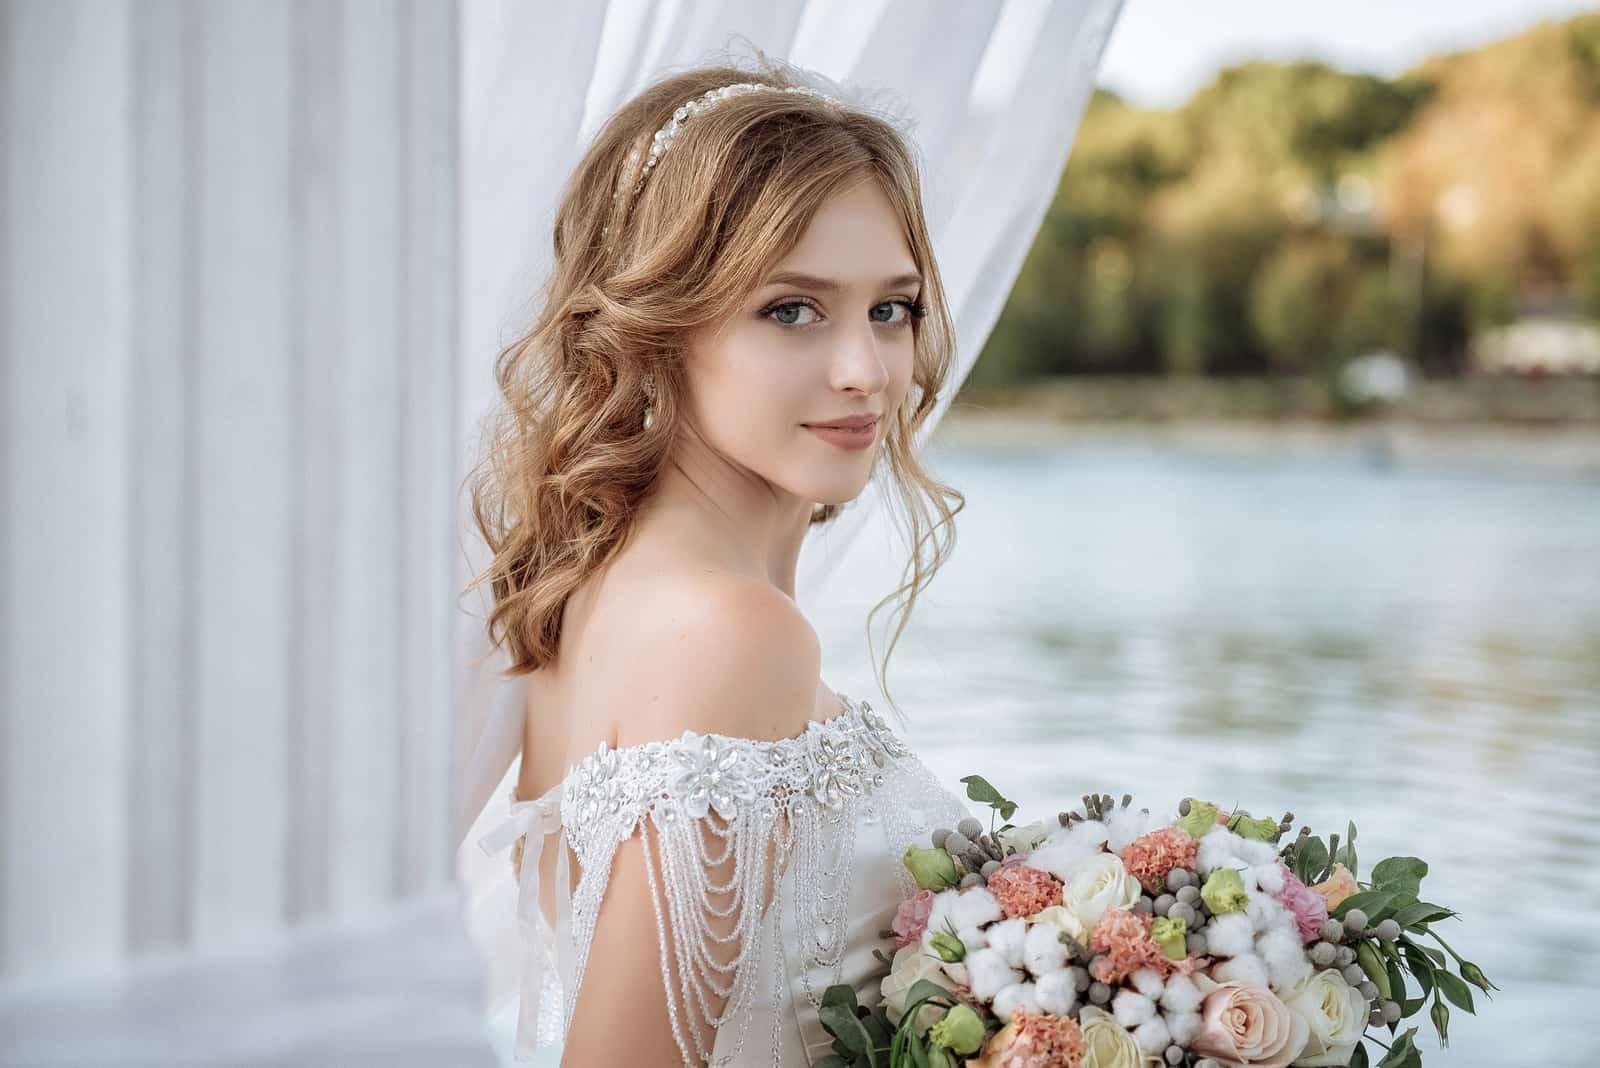 Braut mit Hochzeitsblumenstrauß